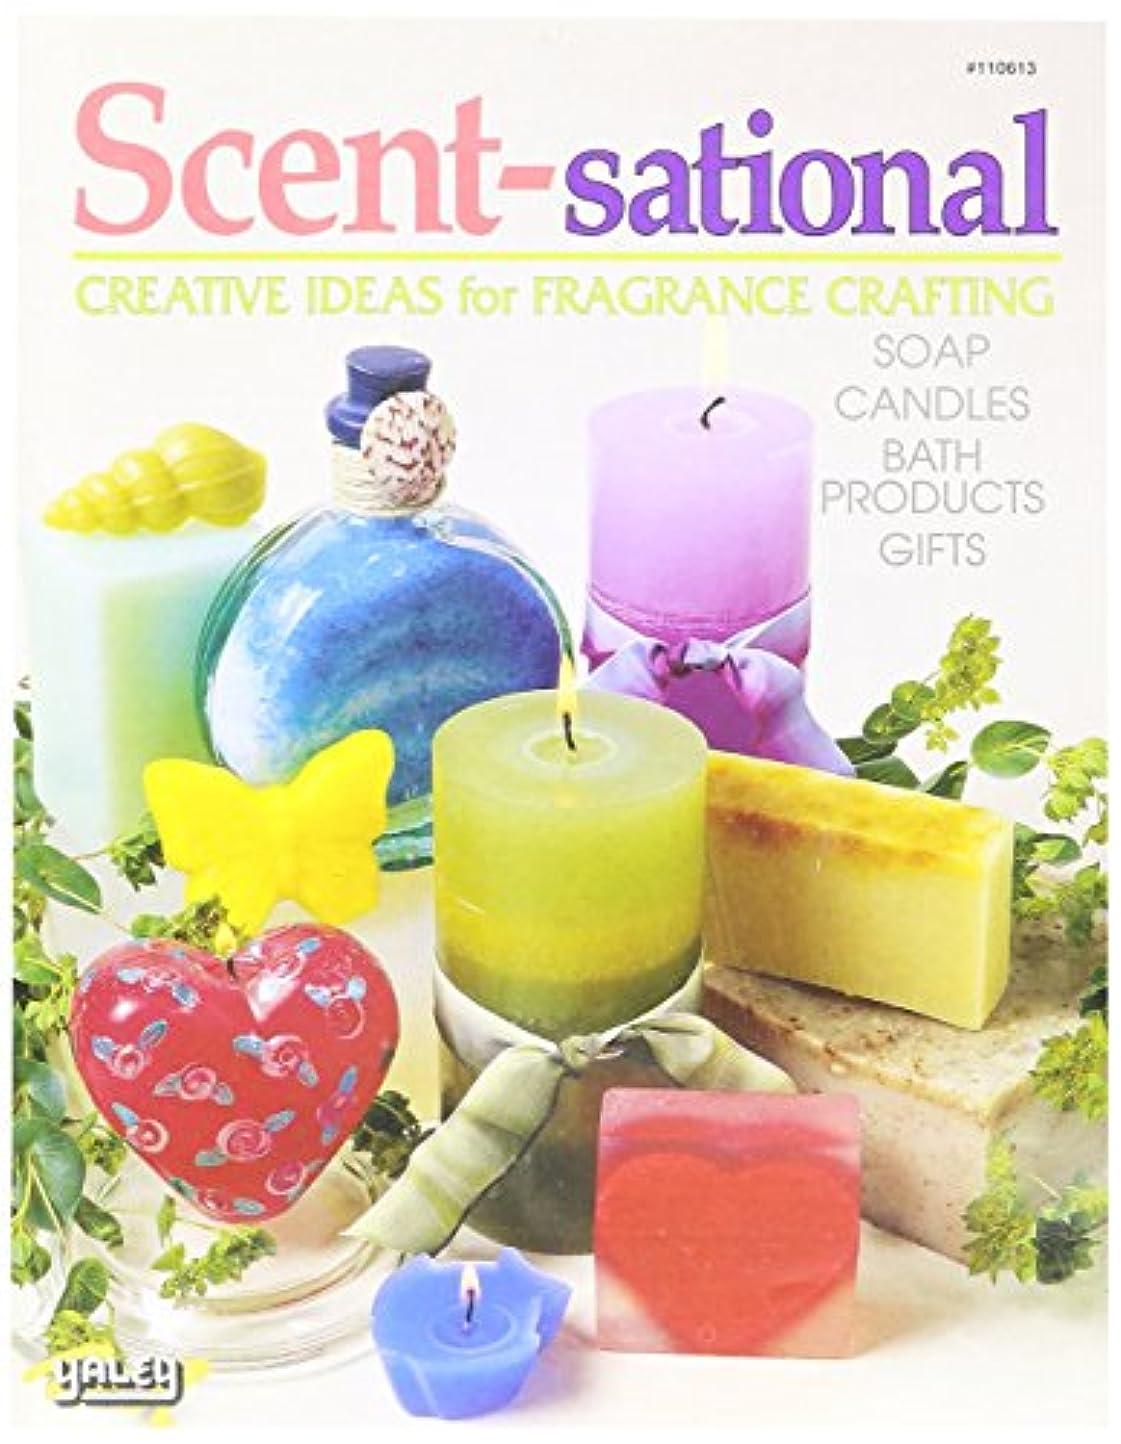 分析する重なるチャーミングYaley 本 Scentsational 本 (石鹸 & キャンドル)